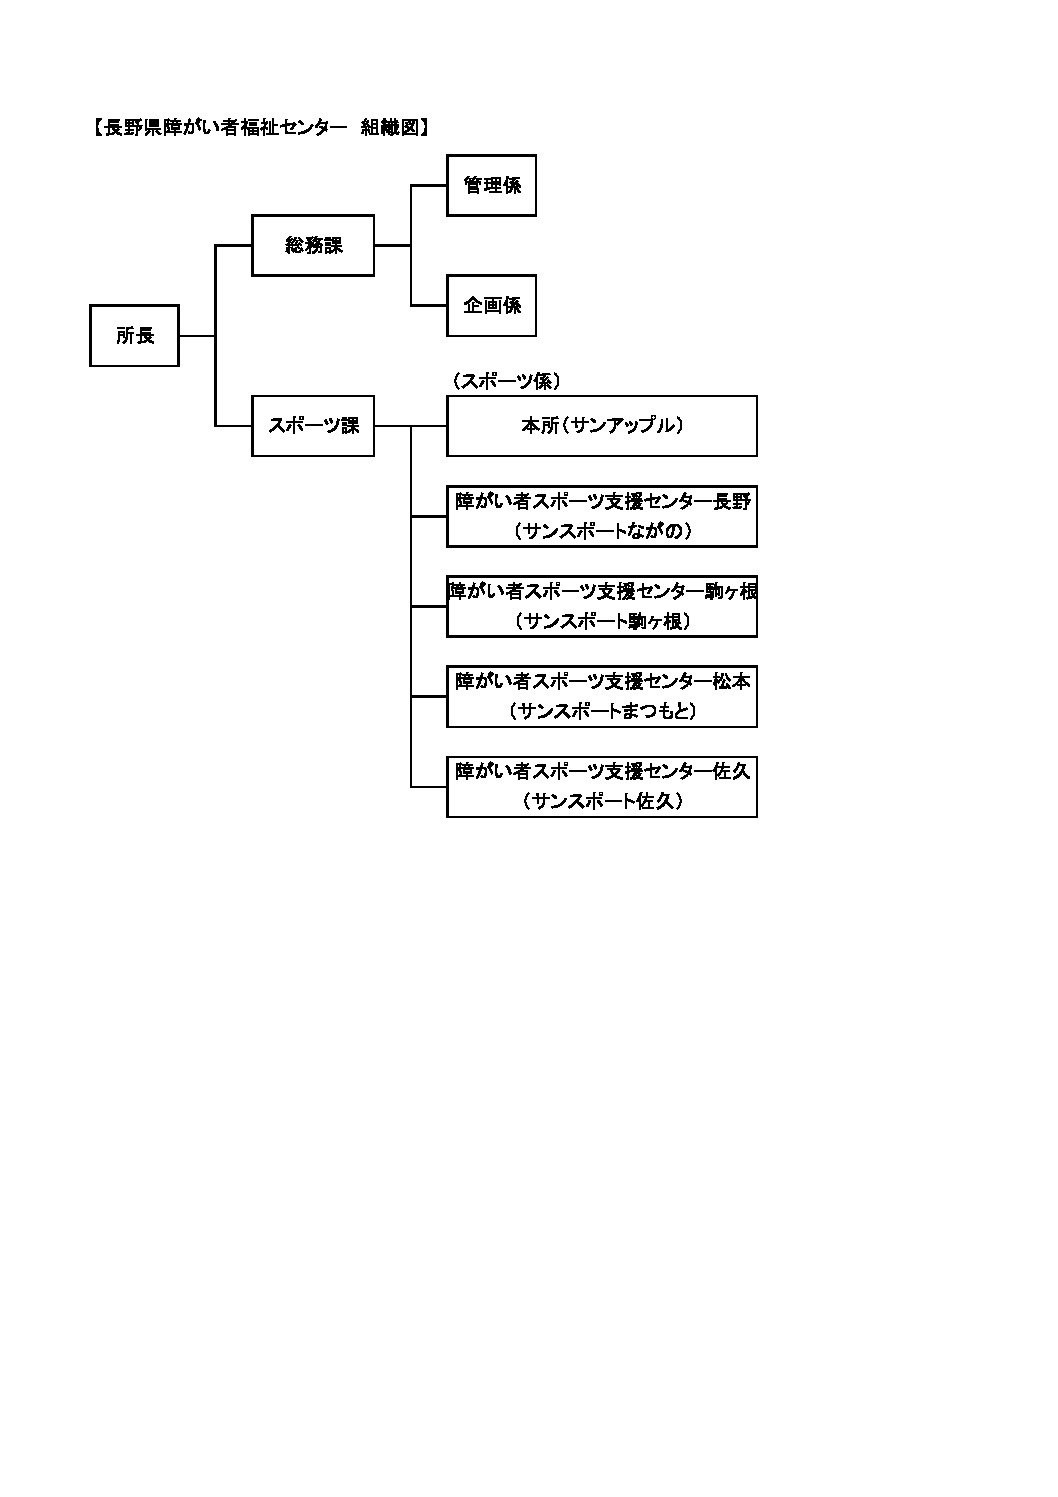 サンアップル組織図のサムネイル